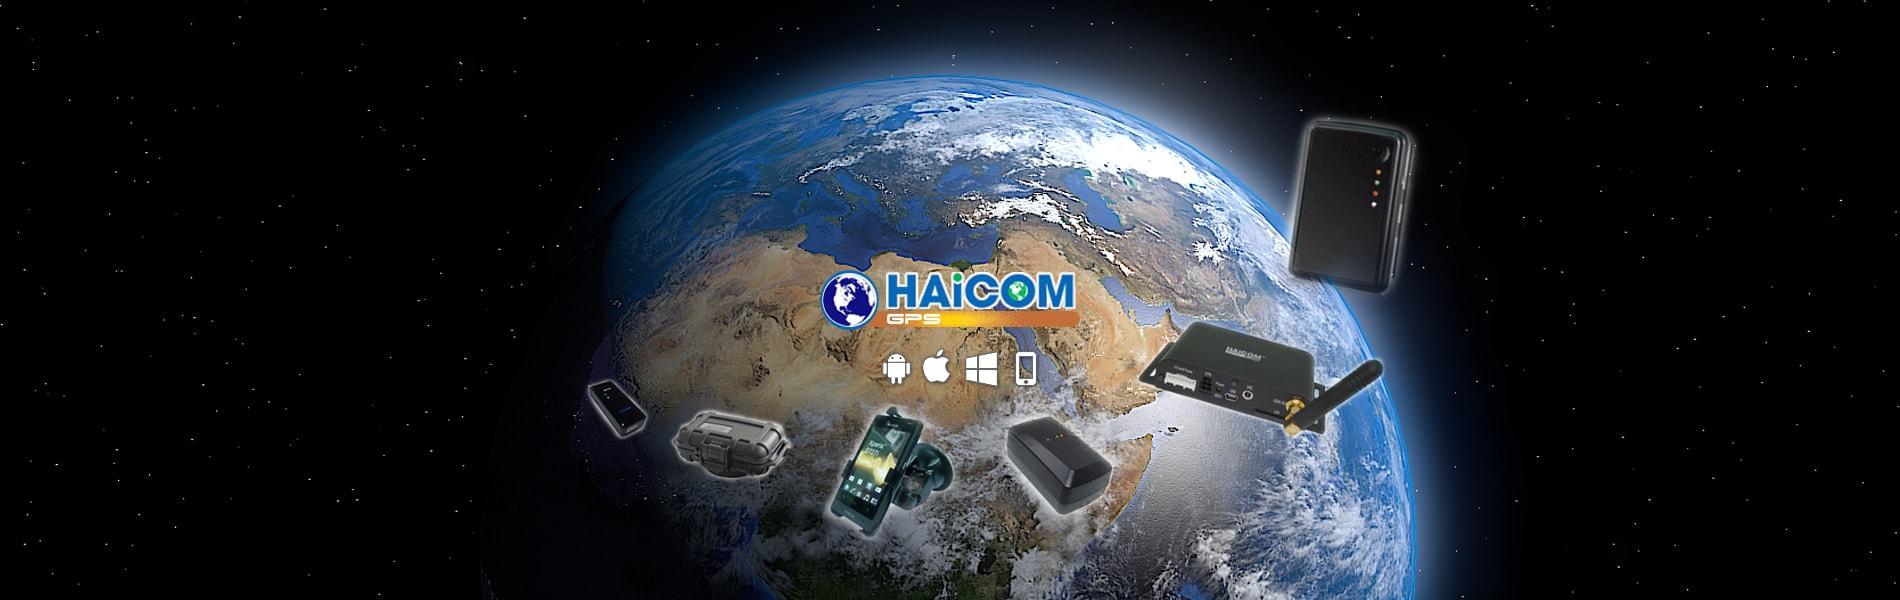 Image 1 - HAICOM GPS - GPS, Localizador, Localizadores, Rastreadores,  Lapas o Balizas, Cajas Estancas, Baterias, Antenas, Plataforma GPRS Gratis, y Sistemas de localizacion GPS Satelital - haicom-gps.com